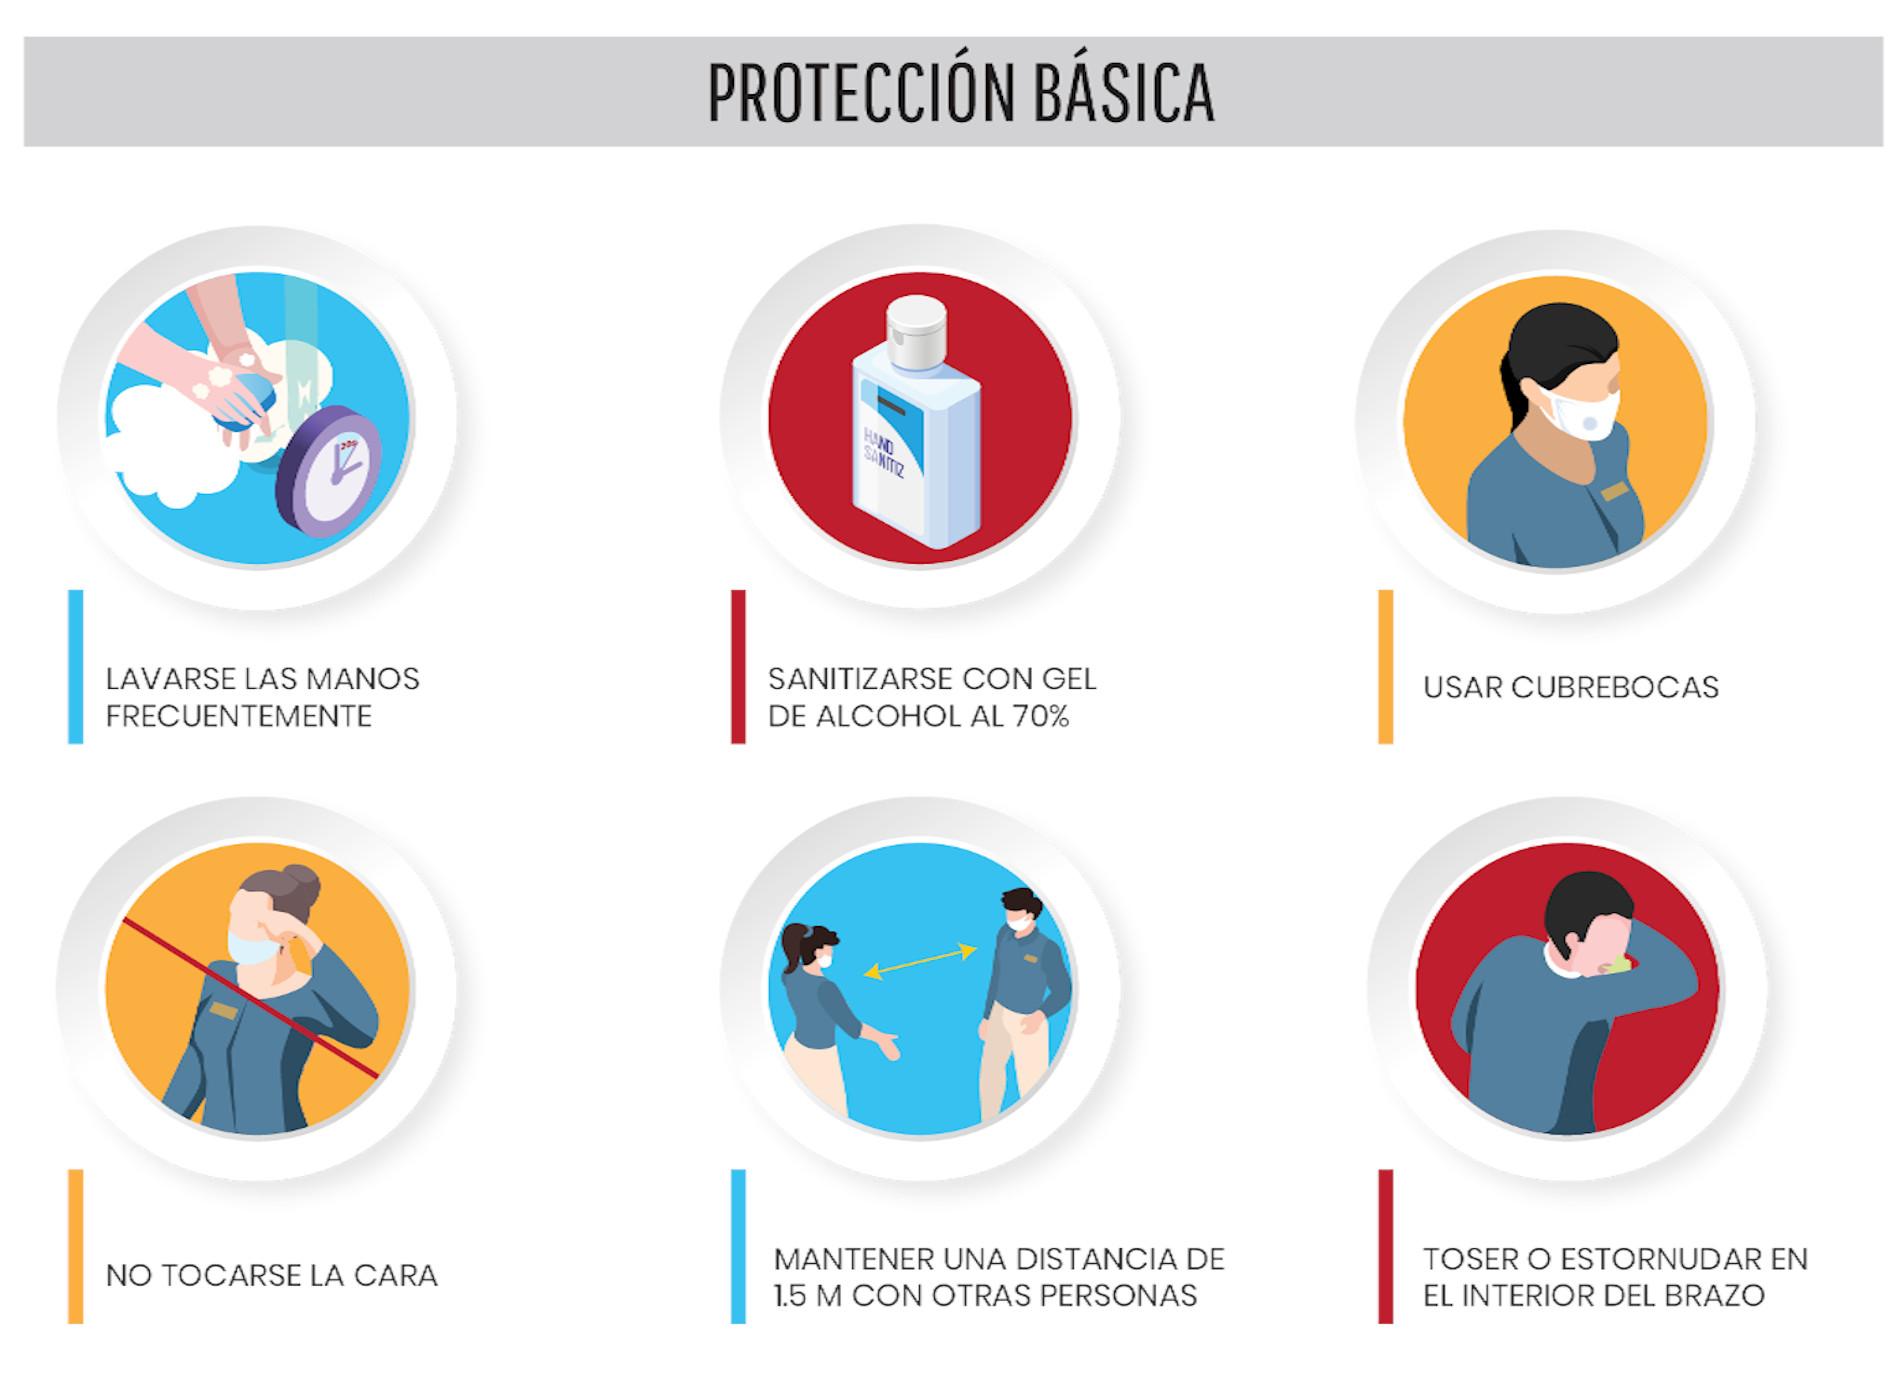 basica-proteccion-esfinal